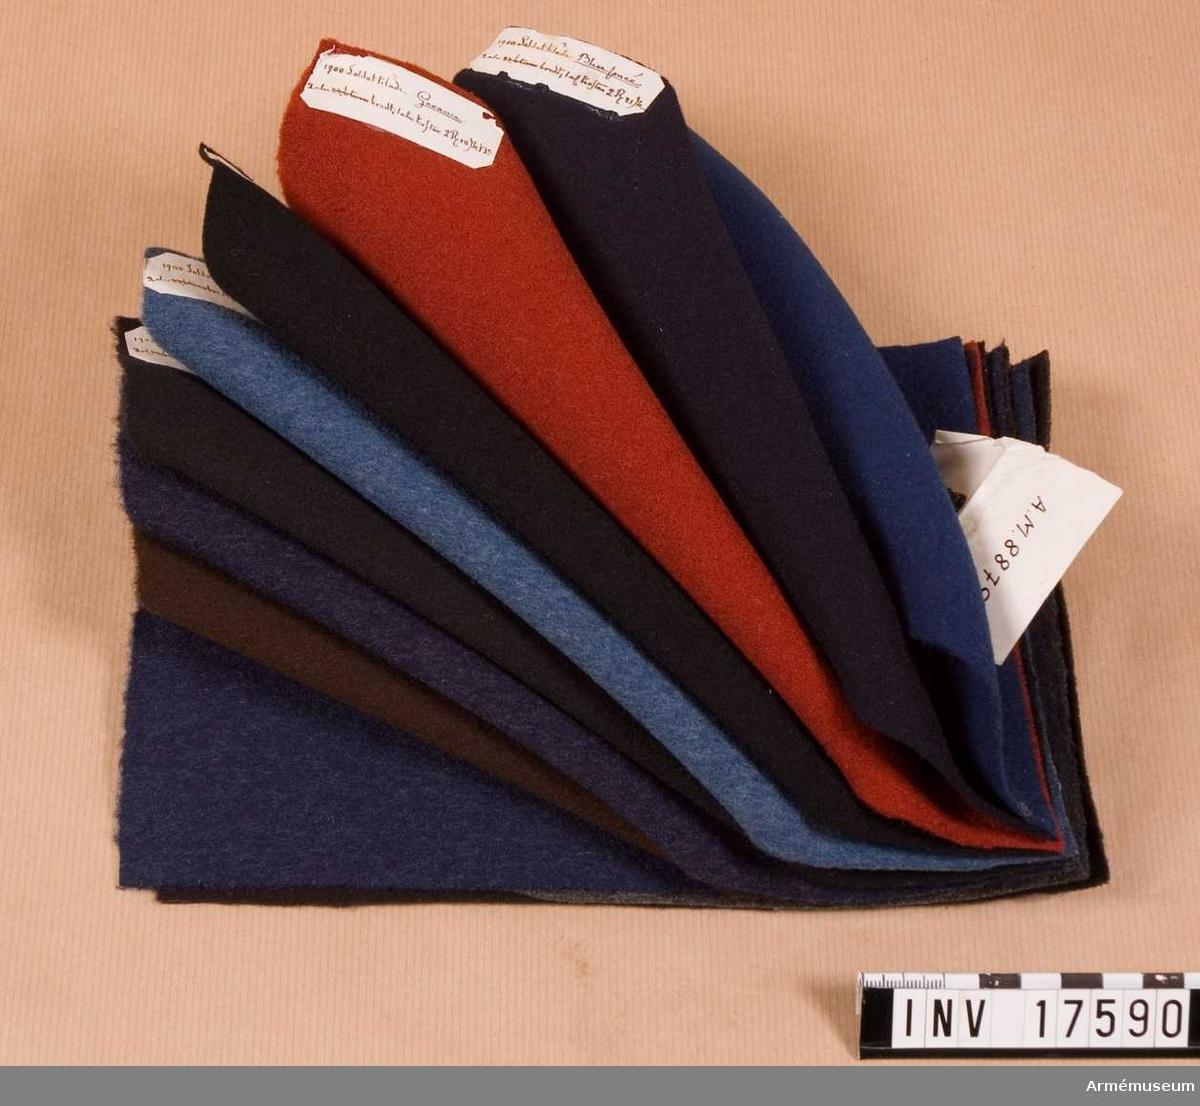 """Grupp C II.  Härav togs 30/11 1918 en halv meter gult kläde för tillverkning av en grenadjärmössa för utställning samt två lösa bitar, en gul och en vit. Kläde, tre buntar av olika färg och kvalitet, 250x150 mm. Var bunt är försedd med sigill och en  papperslapp, på vilken det står nummer, för vem klädet avsetts samt pris. Inalles 32 bitar. En bunt linne, hamp- och bomullsvävnader av olika kvalitet. Samma storlek och samma papperslapp som förut: 13 bitar. Alla prover är inpackade i en kartongask, på vilken det står: """"Profver på kläden, linne, hamp- och bomullsvävnader, begagnade av franska armén år 1852.""""Klädesbit 11 cm bred, 41 cmn lång, vit.  Provet har en pappersetikett med rött sigill och påskrift """"Coleson en molleton pour l'hiver, fait comme celui en cotton"""" På andra sidan står: """"Equipements Militaires, Chauveau & Blanc. Succesre de Blanc Ainé"""" -(firmanamn), """"Rue des petits Hotels 26.""""  Klädesbit, gul, 420x590 mm.  Provet har pappersetikett med rött sigill och påskrift """"Epoussetes, pour chevaux"""". På andra saidan """"Equipements Militaires. Chauveux & Blanc, Succesre de Blanc Ainé. Rue des petits Hotels 26 et 28 Paris."""" Enl kapten W Granberg."""